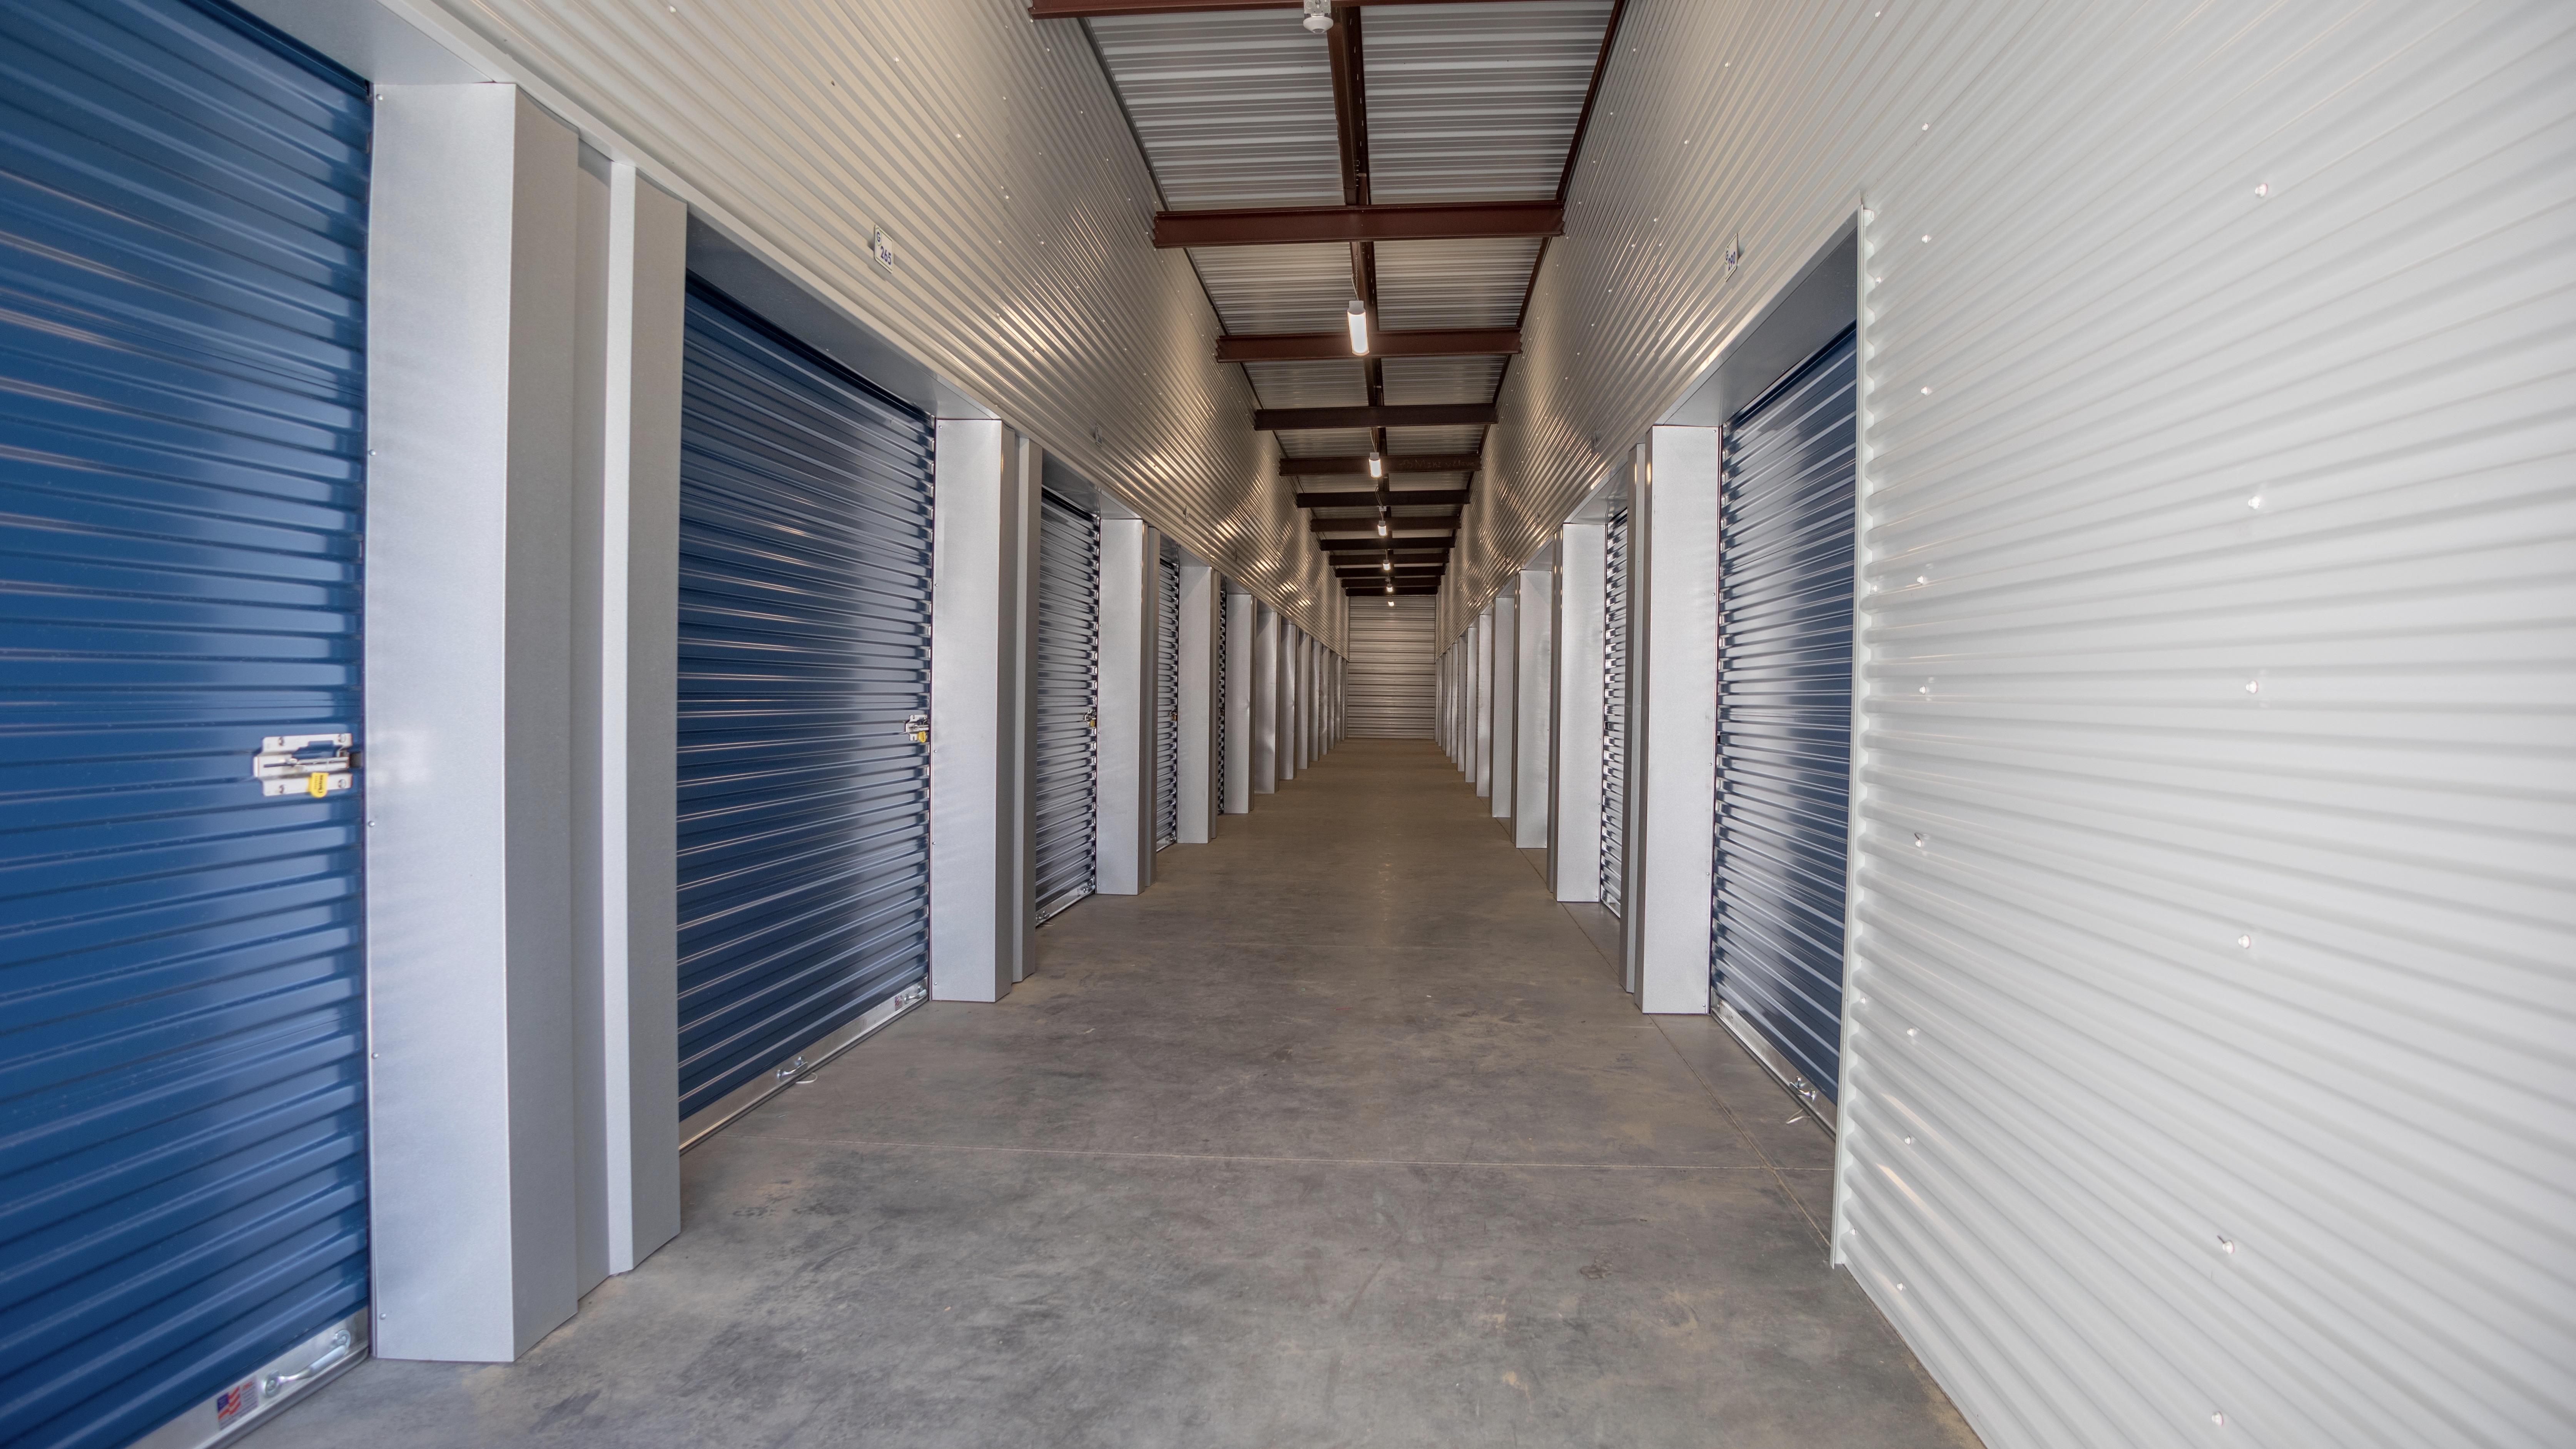 Extra large storage units